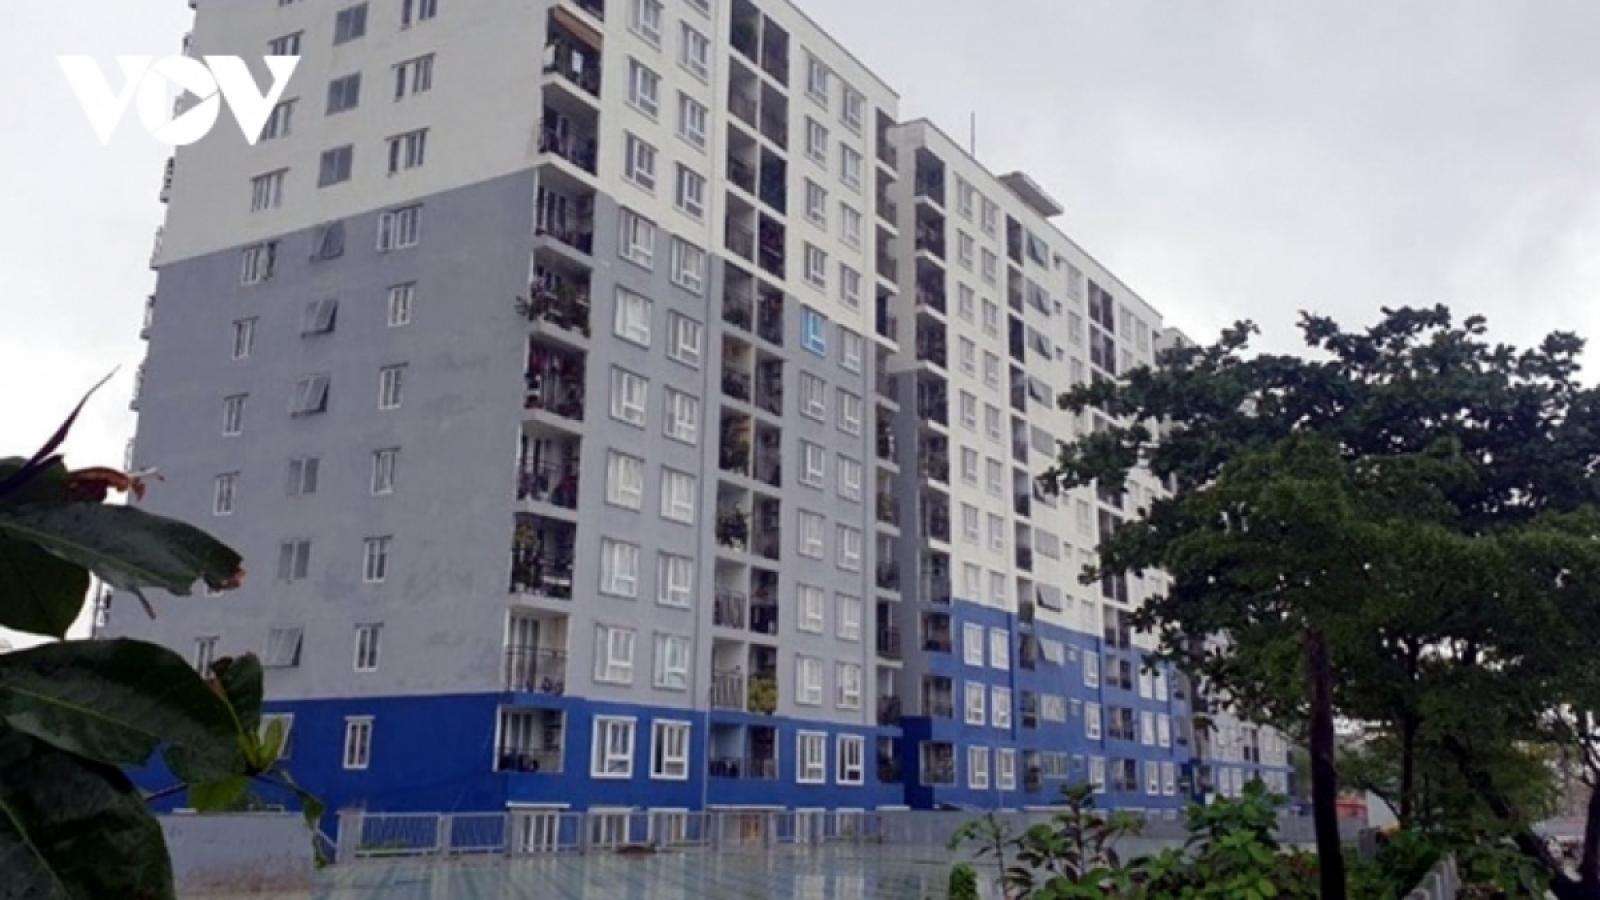 Rút ngắn thời gian làm thủ tục xây dựng nhà ở xã hội xuống còn 3 tháng